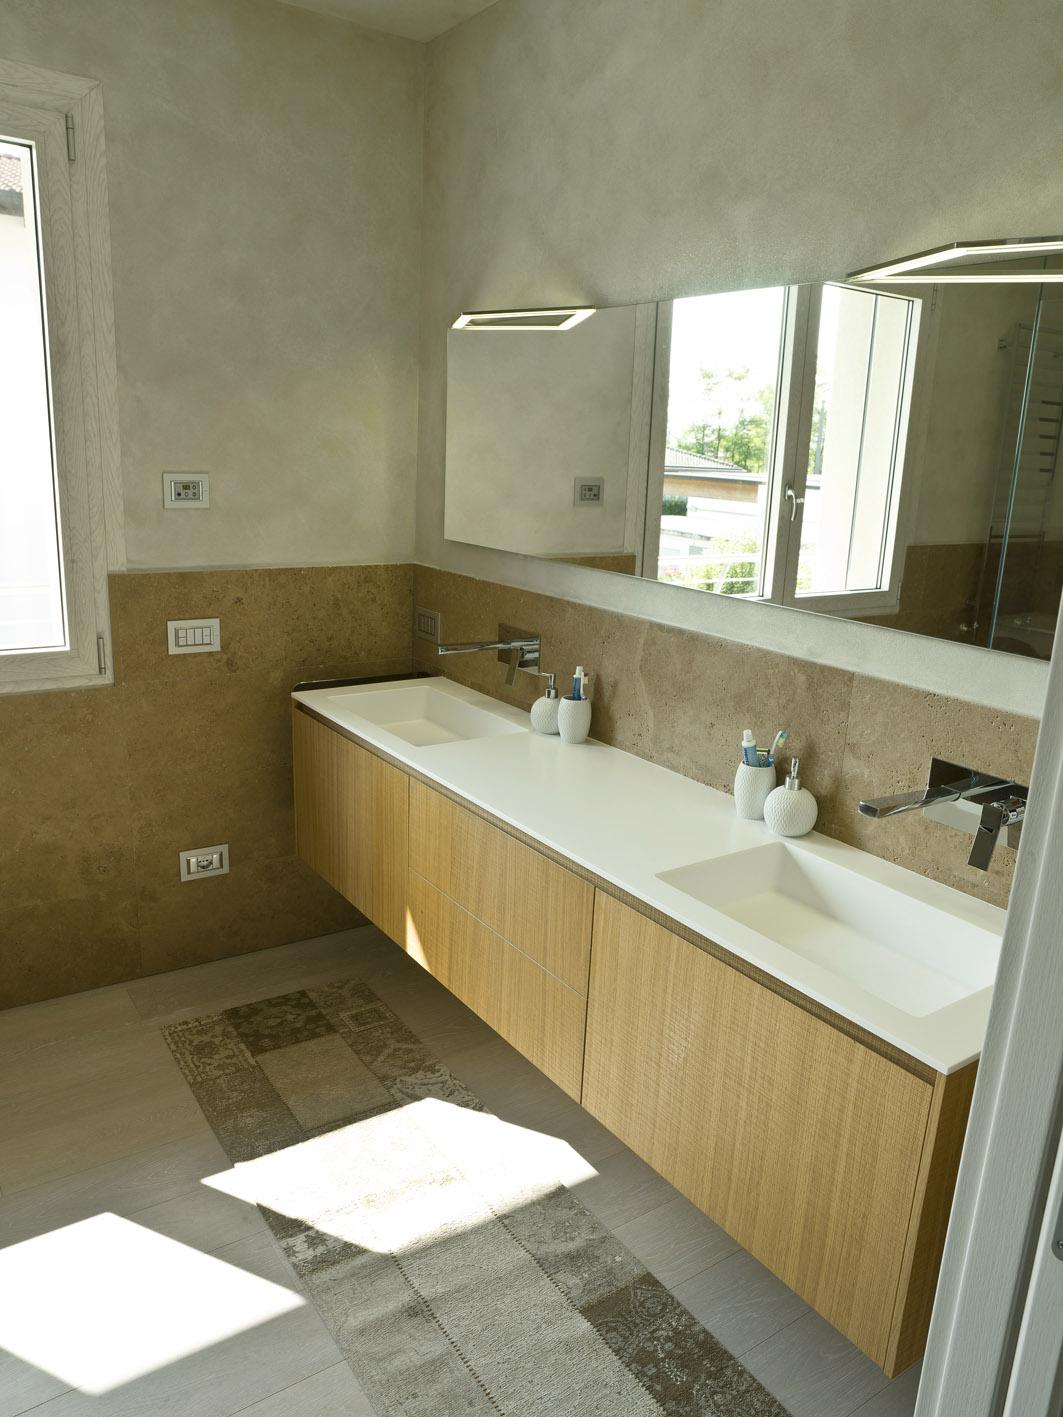 bagno moderno MG architettura d'interni simone casarotto design rovere taglio sega spoldi ideabagno